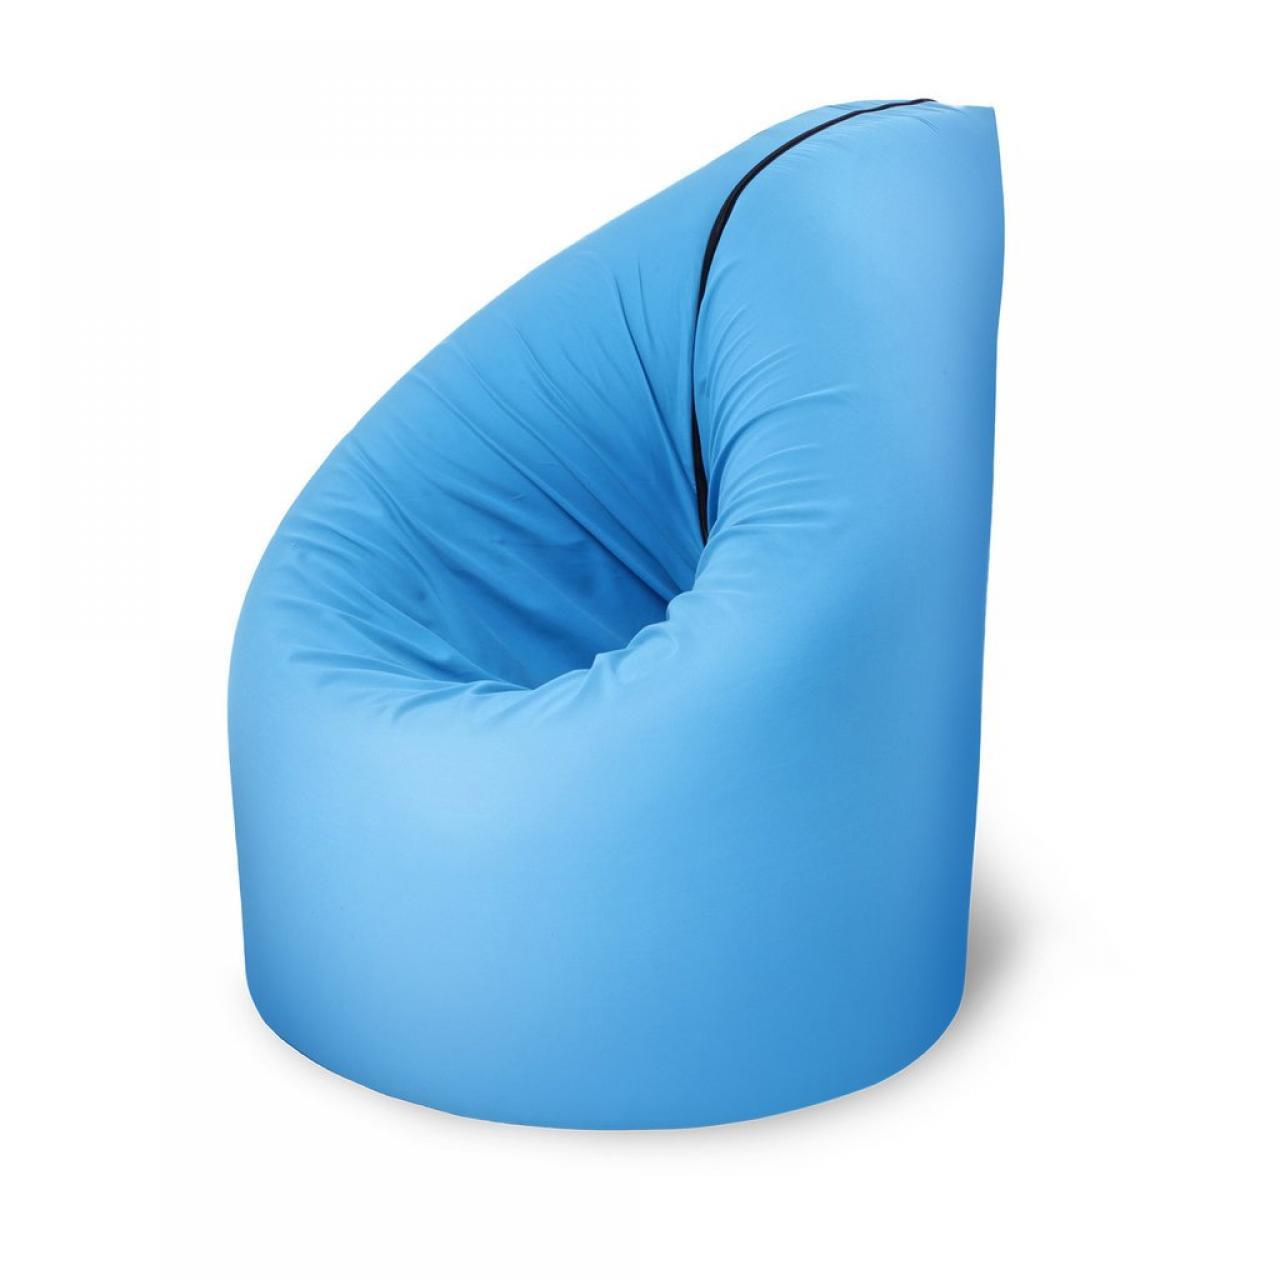 Paq Sitzsack/Bett blau